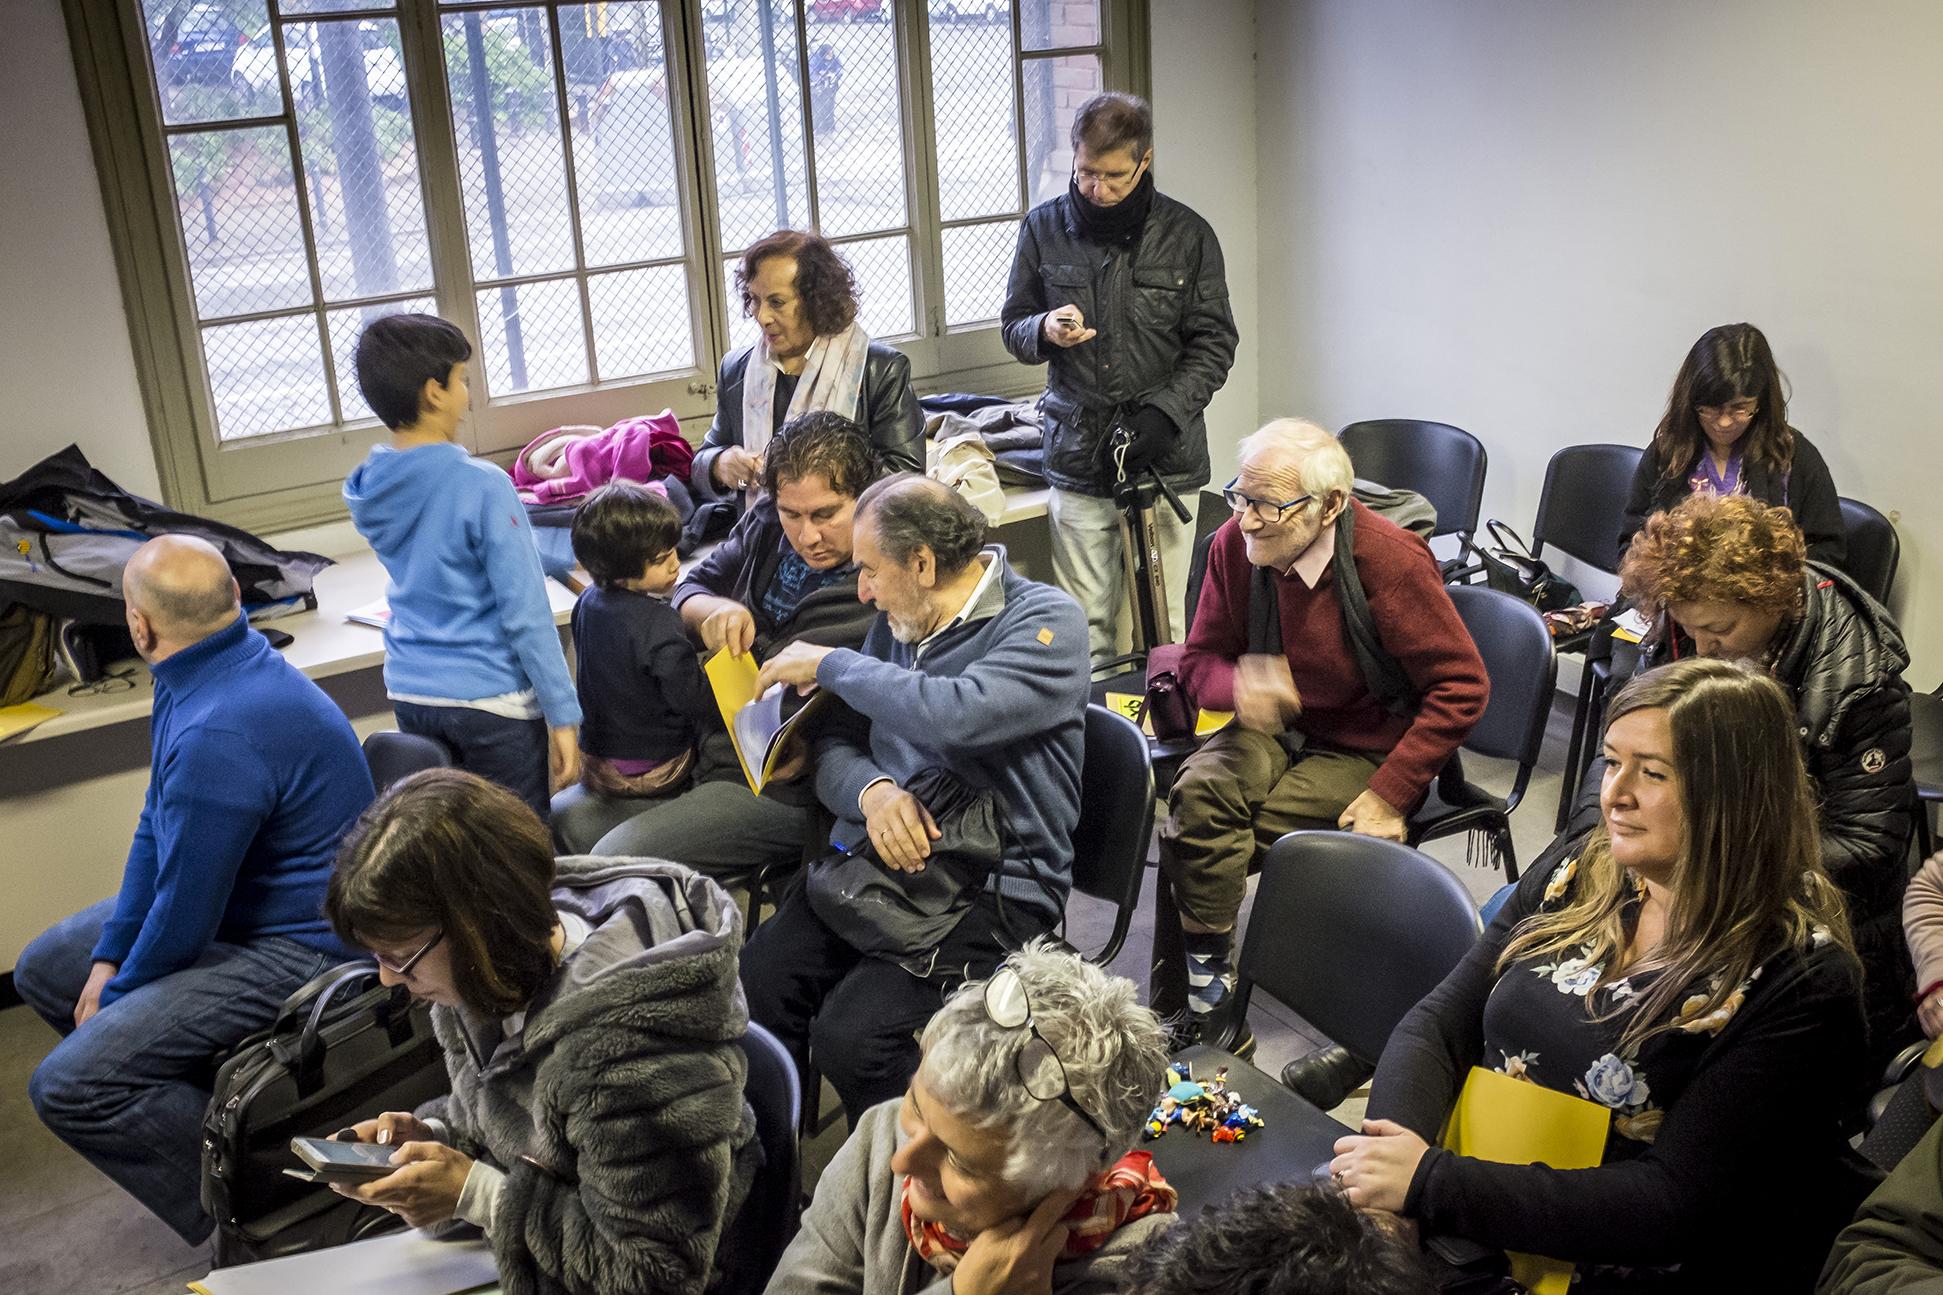 VIII Congrés SPC 2018 - Assistència - Foto: Joan Puig - Sindicat de Periodistes de Catalunya - Sindicat de Professionals de la Comunicació